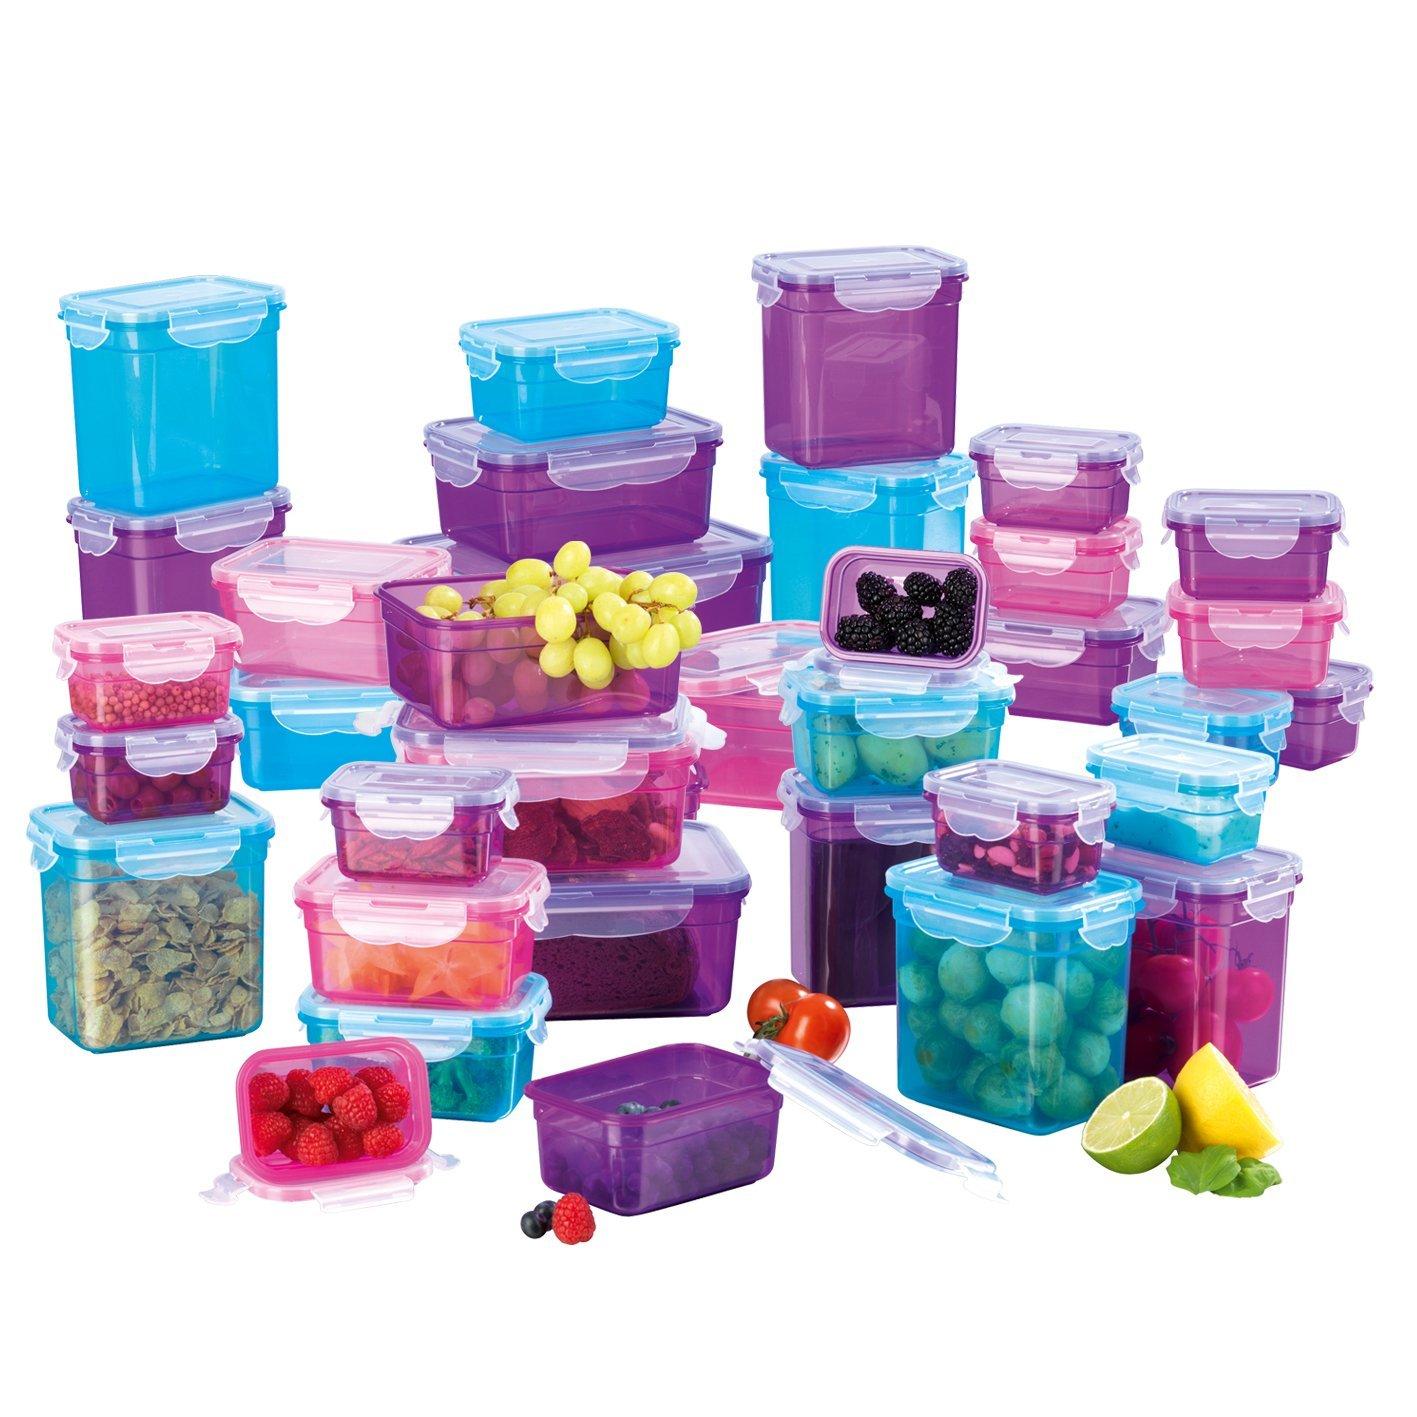 GOURMETmaxx 02003 Set di contenitori per conservazione alimenti BPA, 36 pezzi | Risparmio ermetico e aromatico | Lavastoviglie, congelatore, microonde sicuro | Contenitore per alimenti coperchio a clip